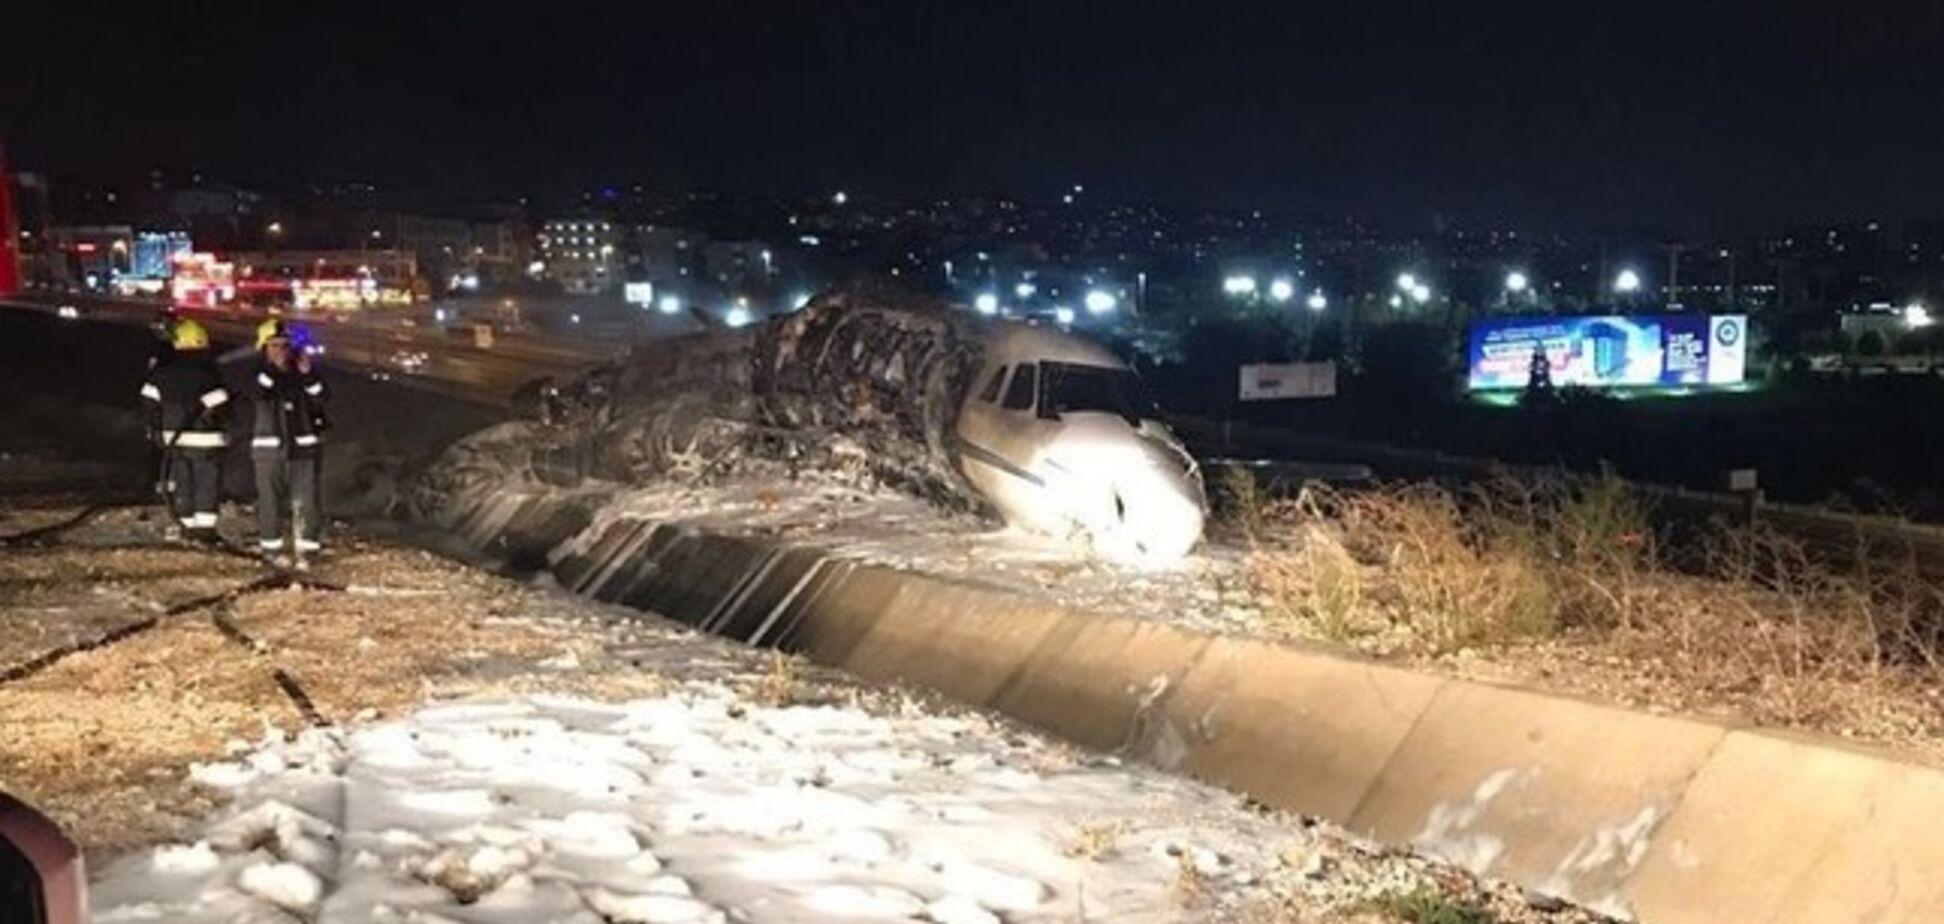 В аэропорту Стамбула разбился самолет: опубликованы фото и видео